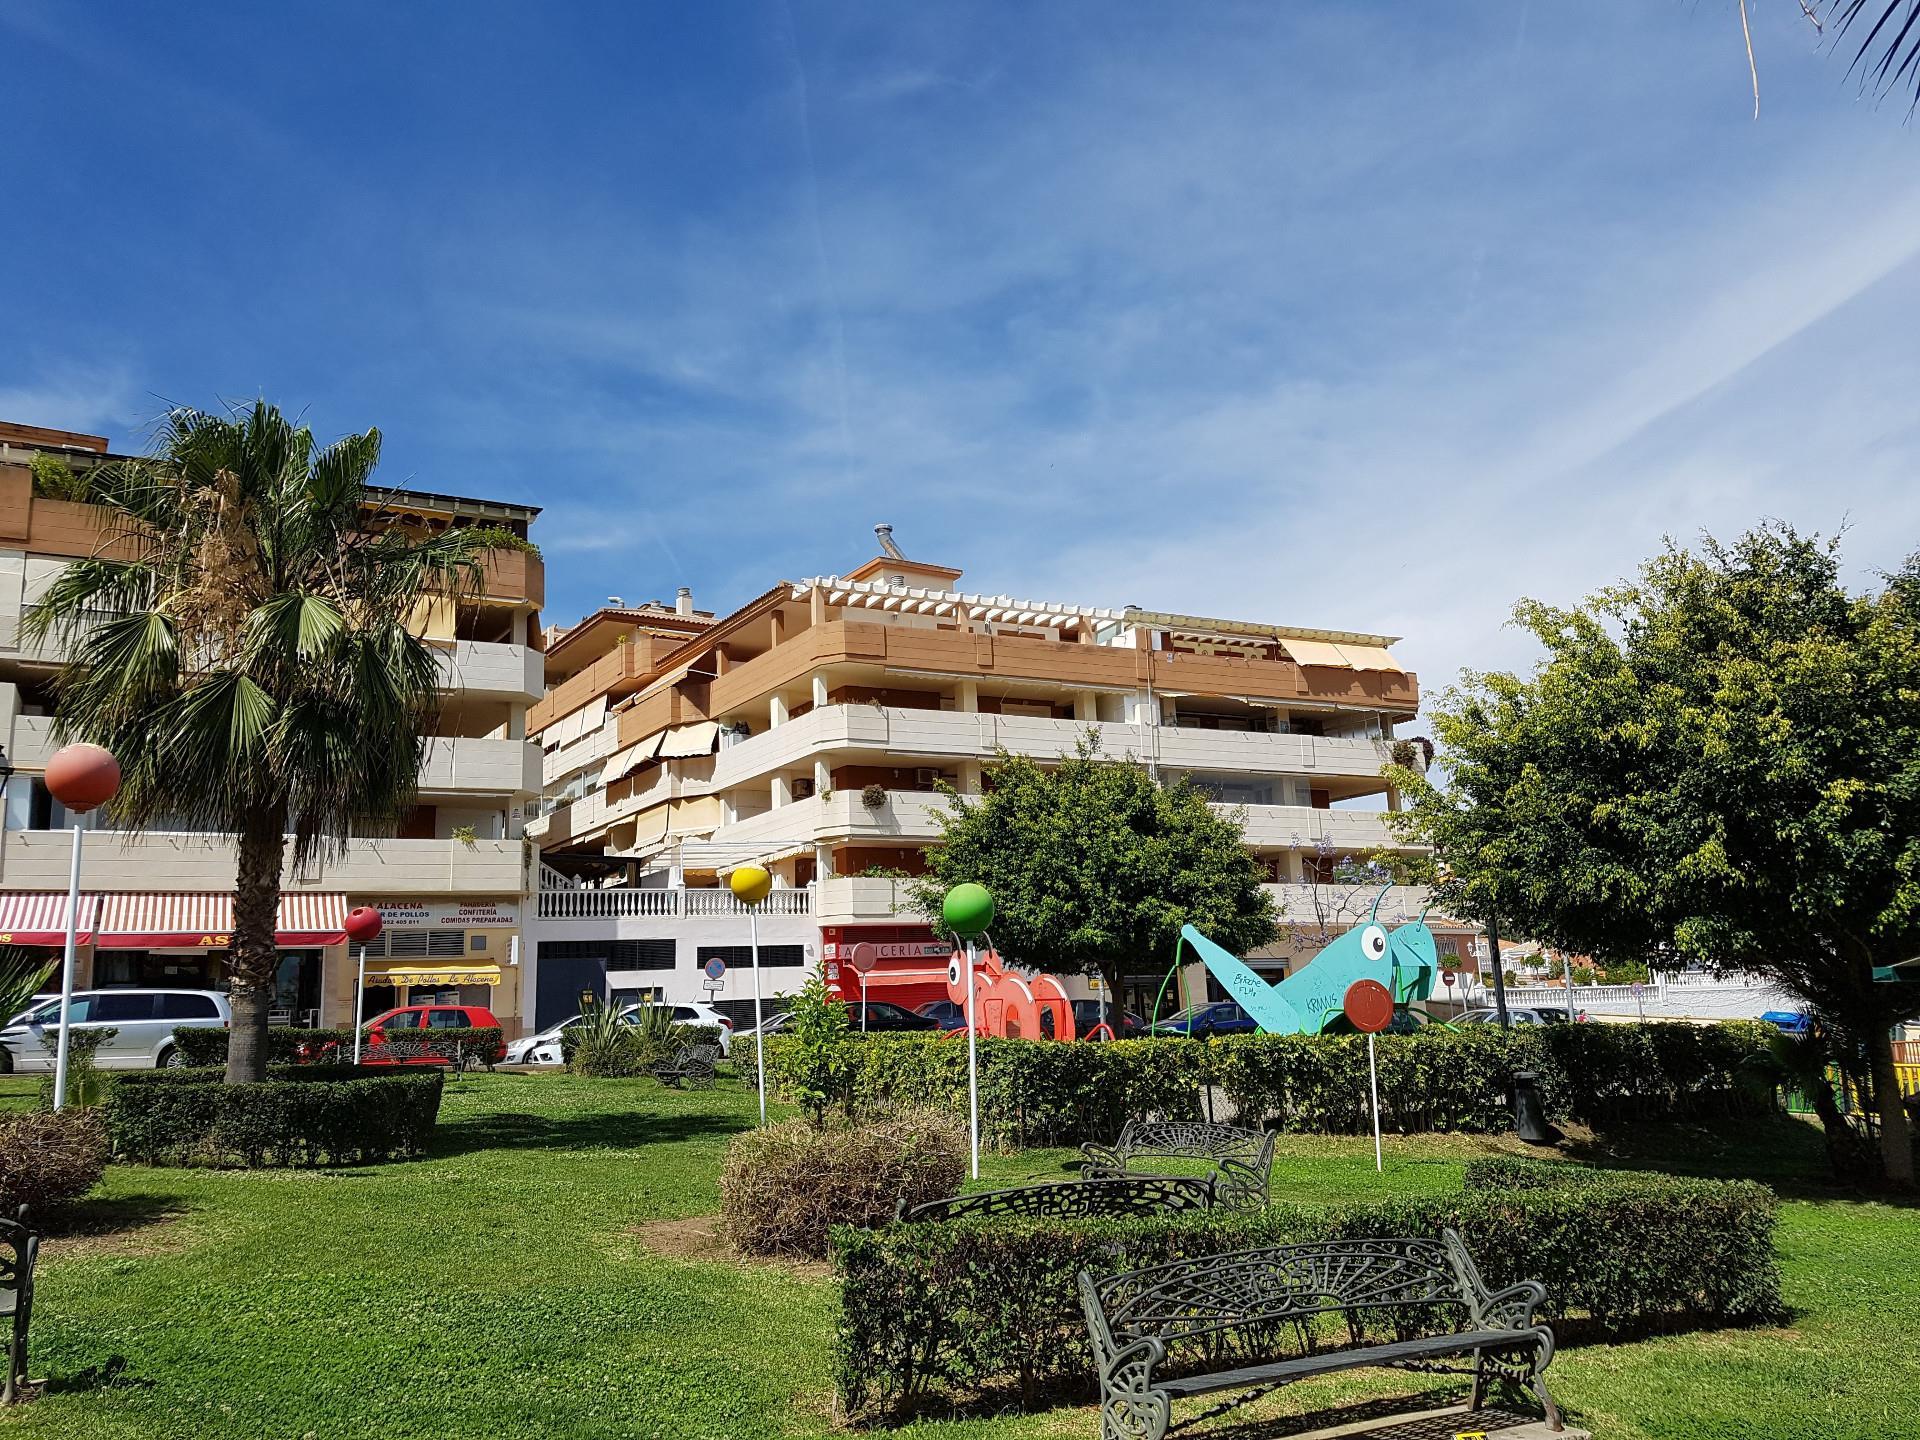 Piso de alquiler en Calle Limonero Rincón de la Victoria ciudad (Rincón de la Victoria, Málaga)